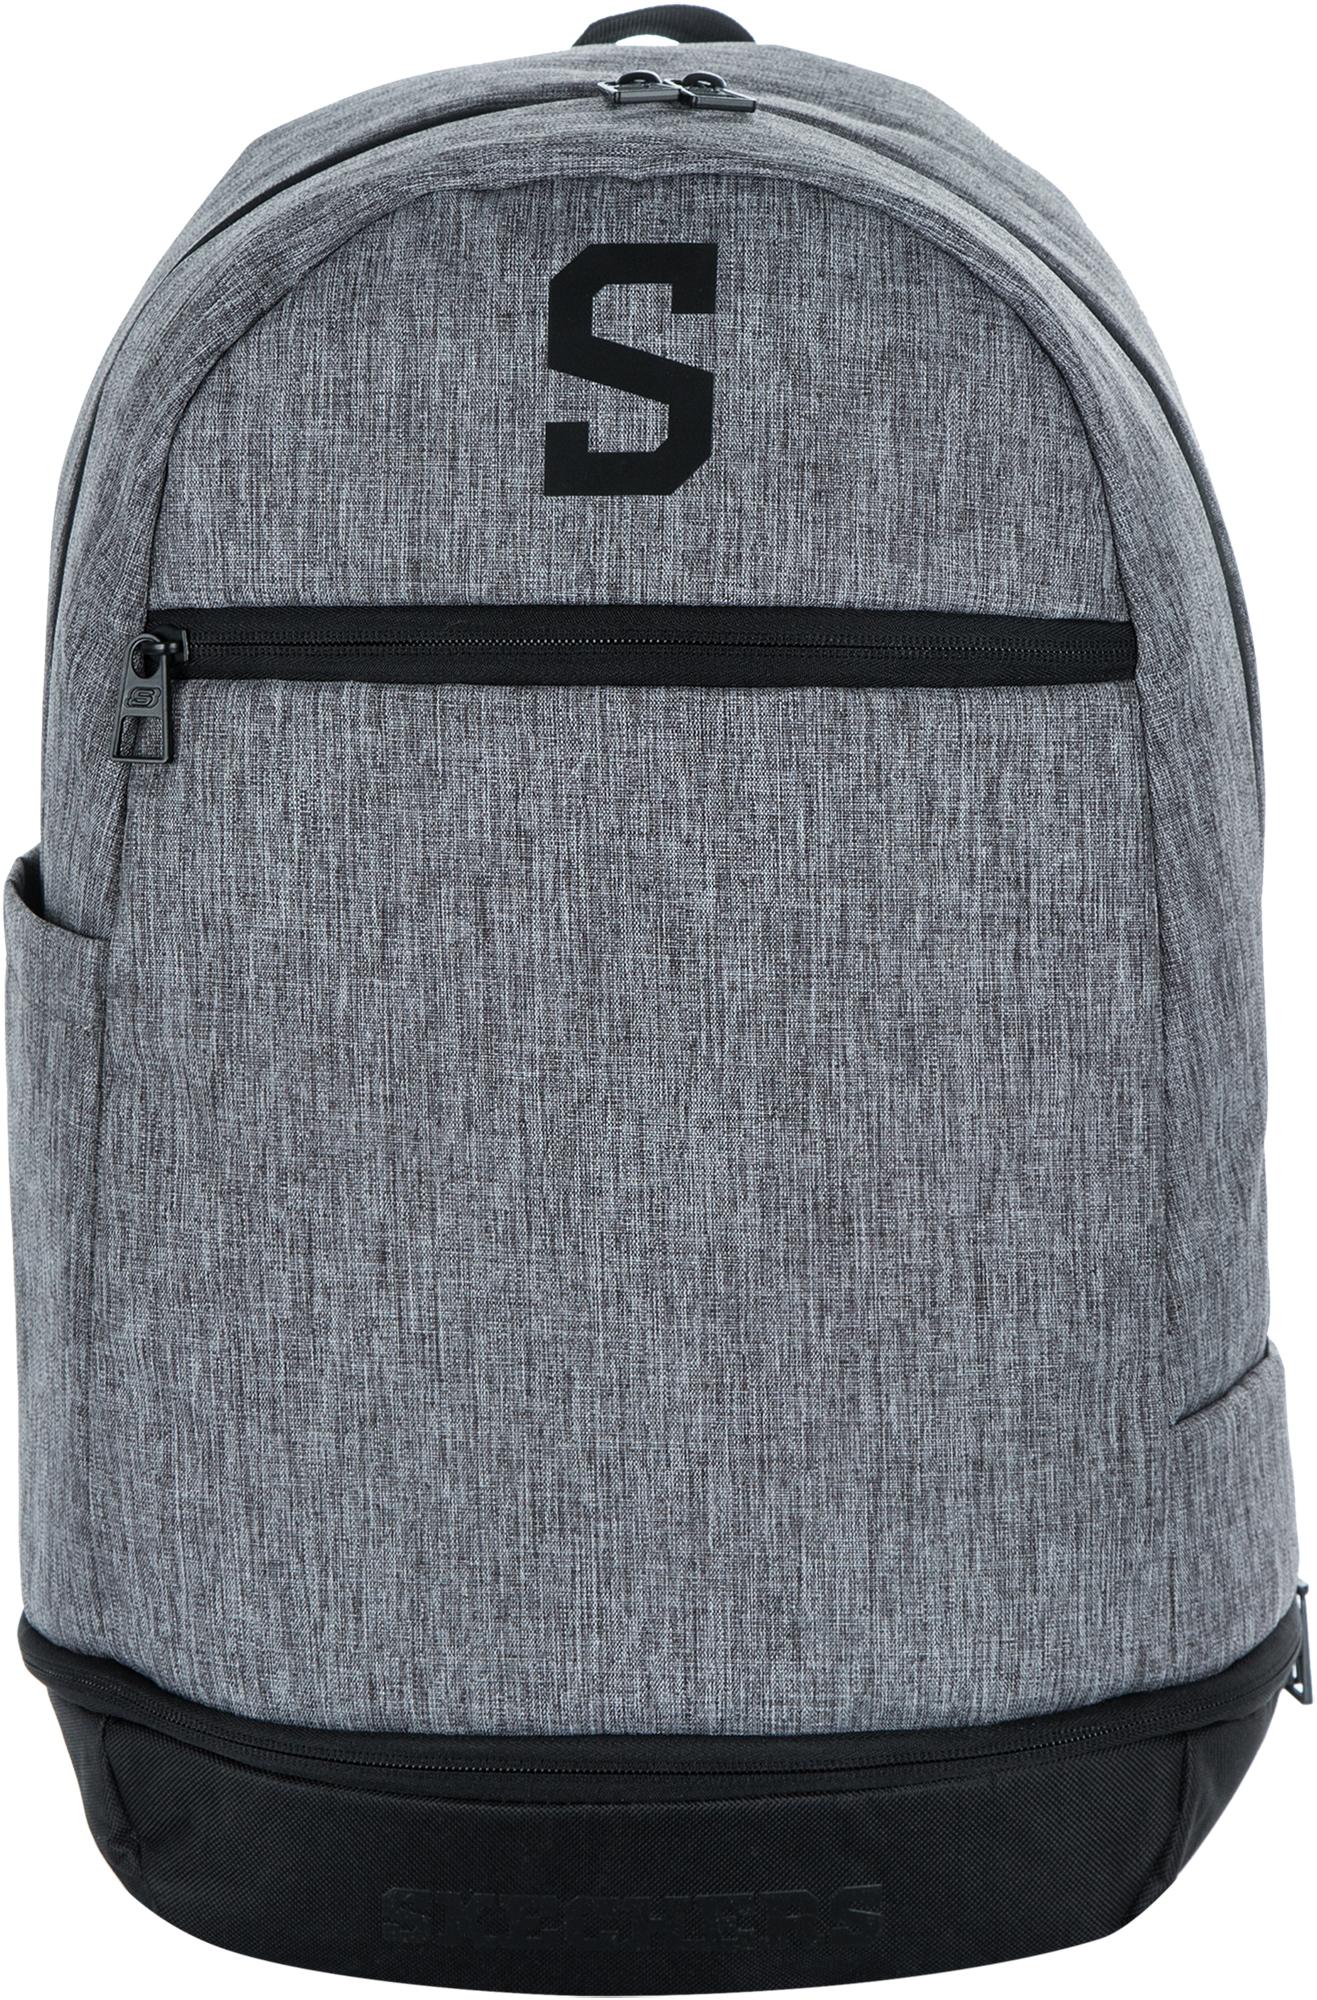 Skechers Рюкзак мужской Skechers рюкзак спортивный мужской adidas rfu gymbag цвет красный синий 15 л cf4984